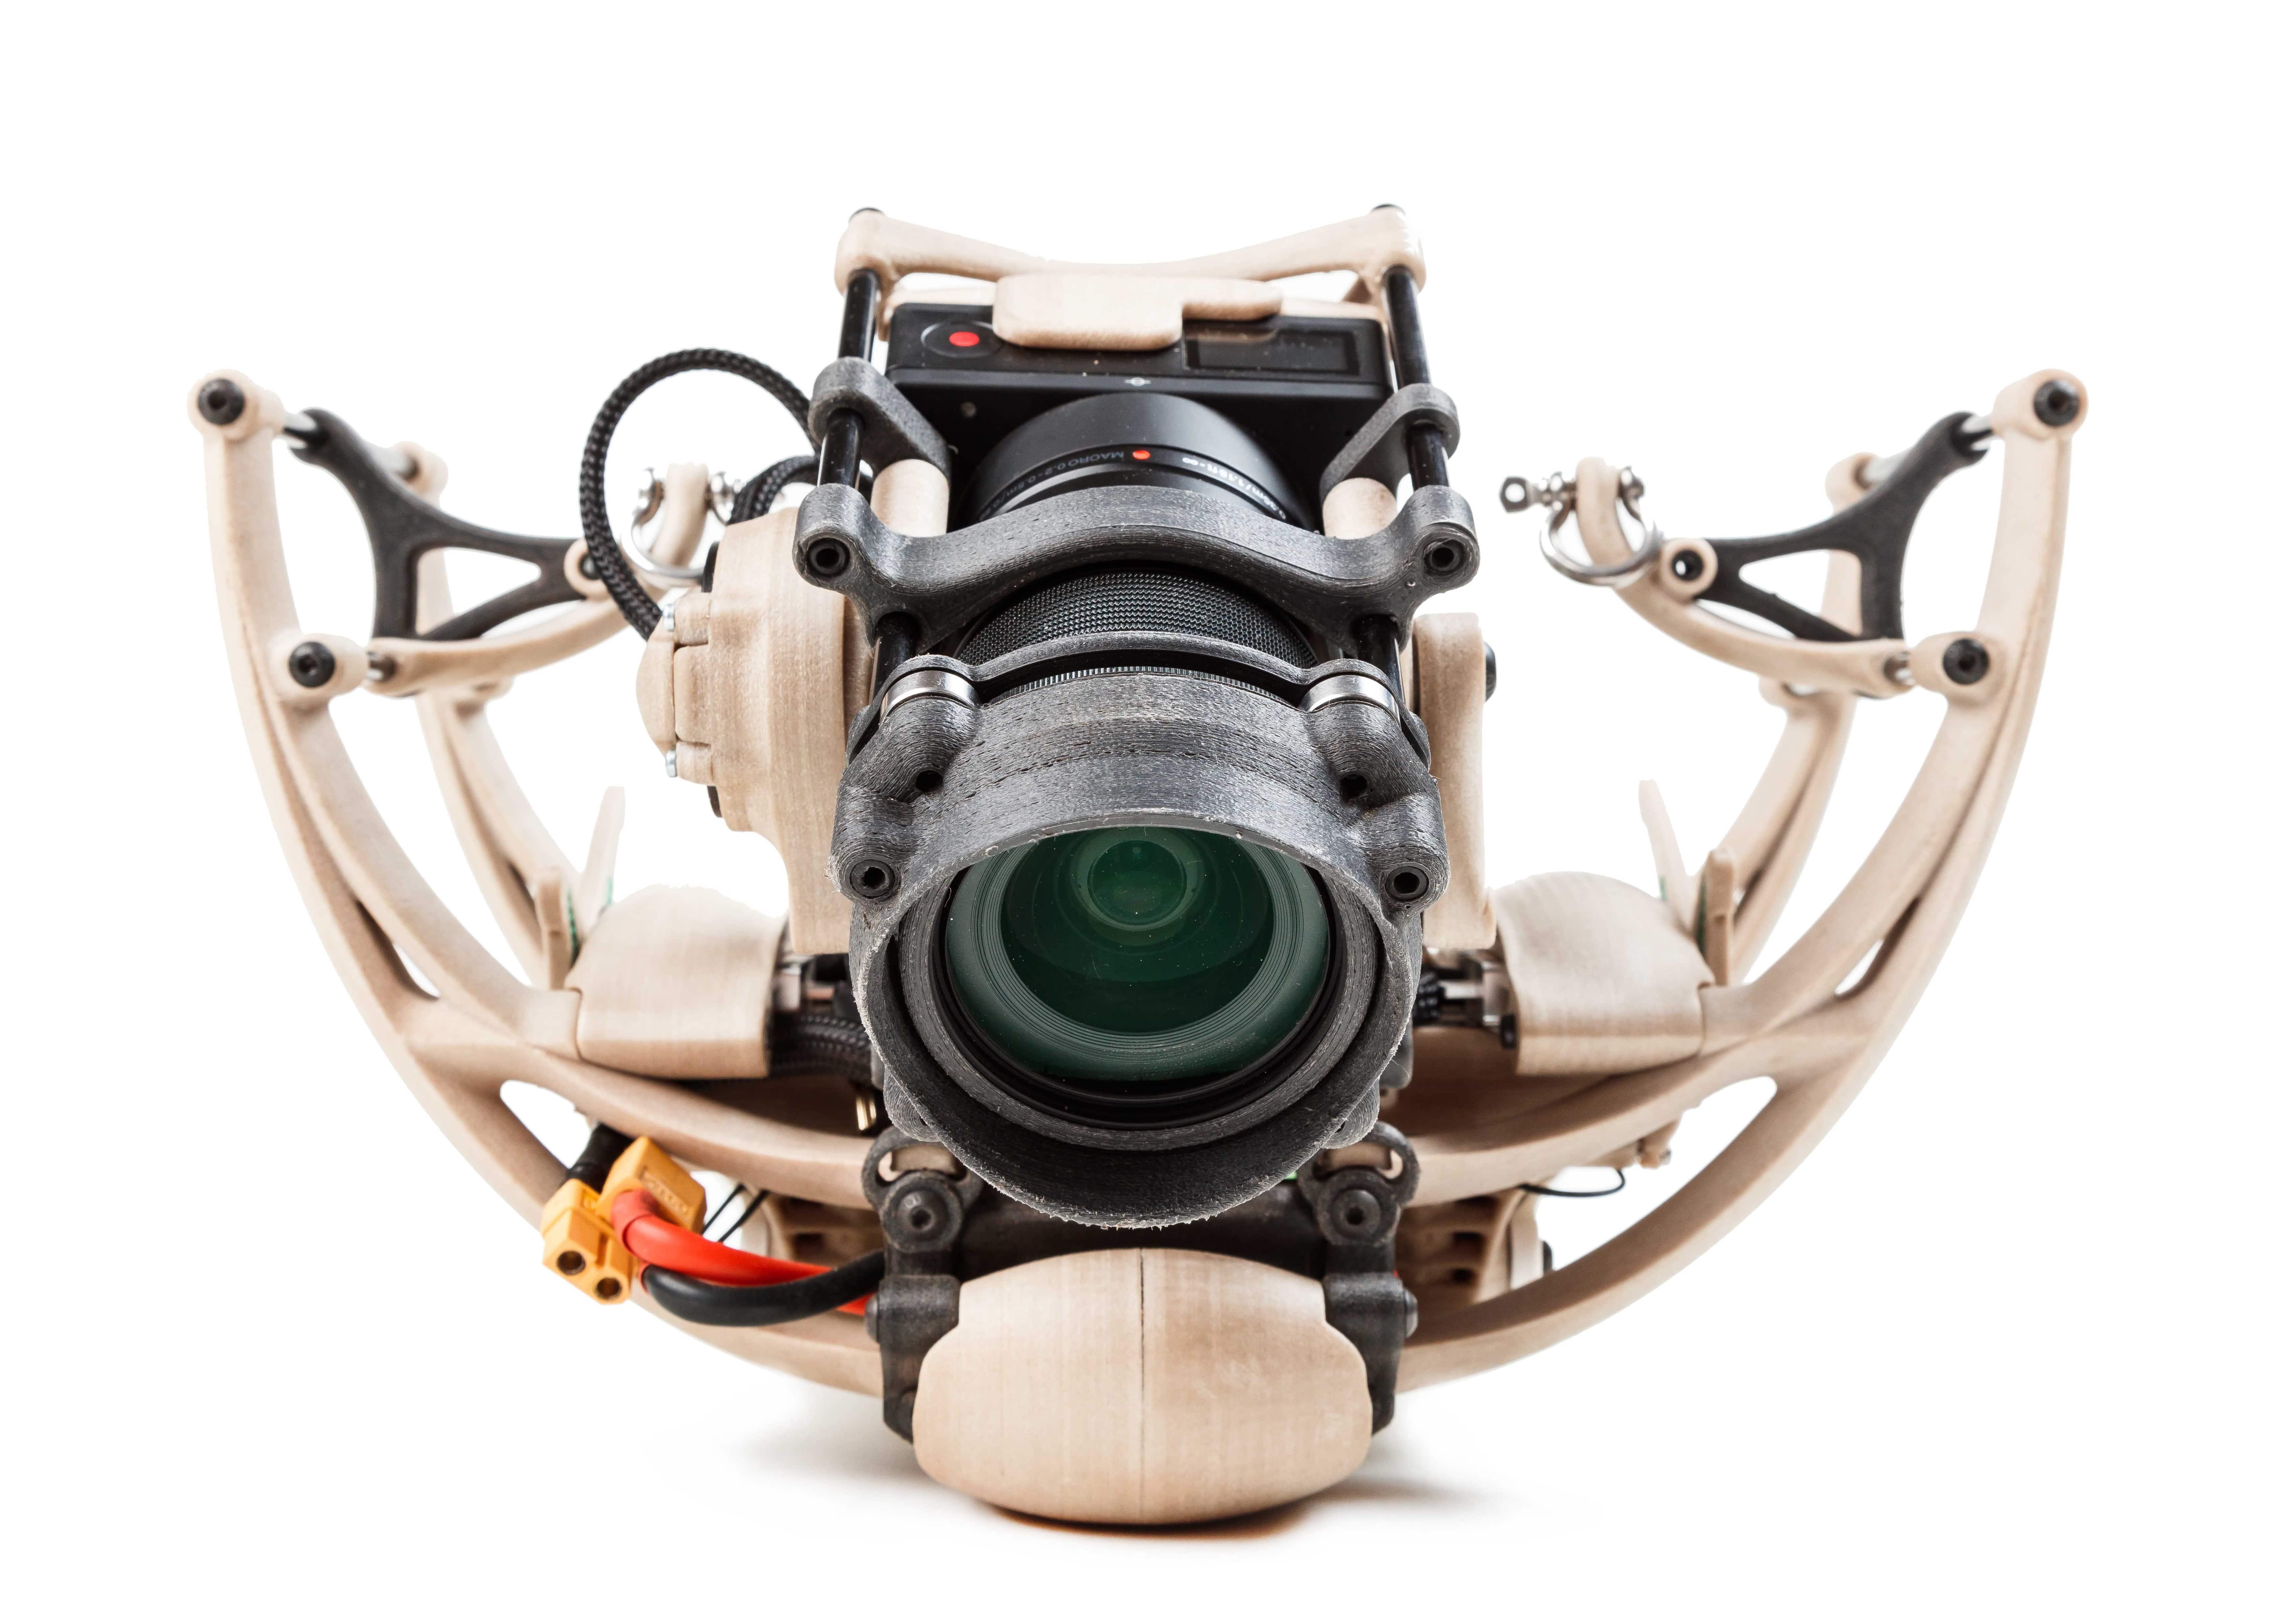 vue de face du drone avec le châssis, la propulsion électrique, les actionnaires pour le pilotage et la gestion embarqué